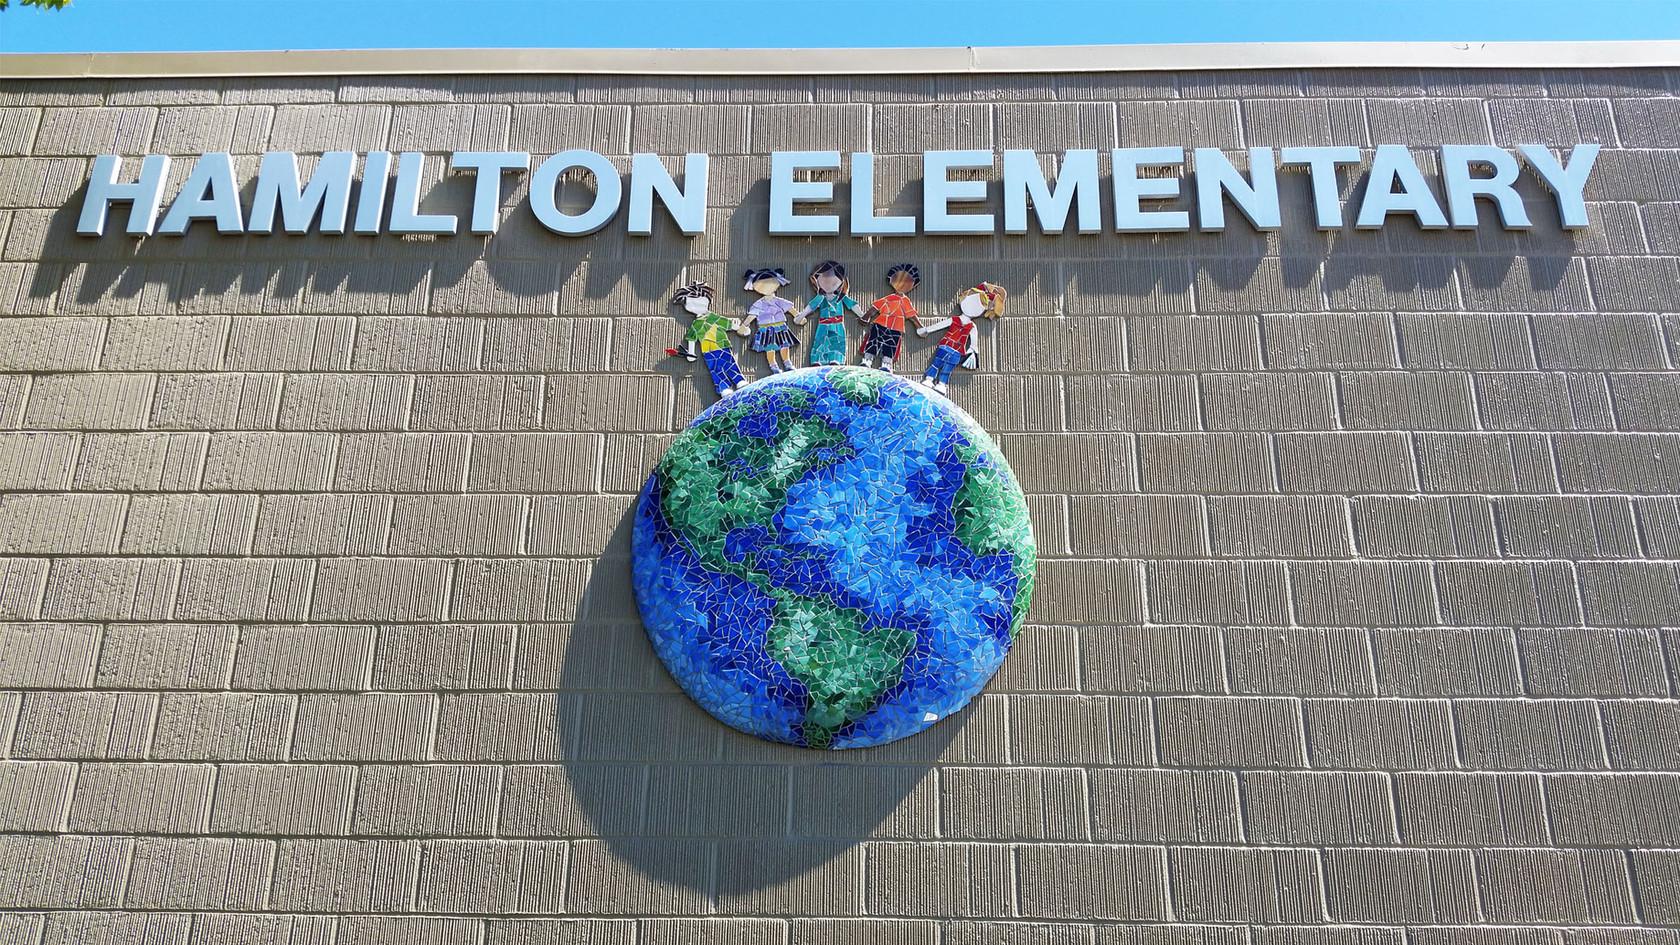 Mosaic entrance at Hamilton Elementary School in San Diego